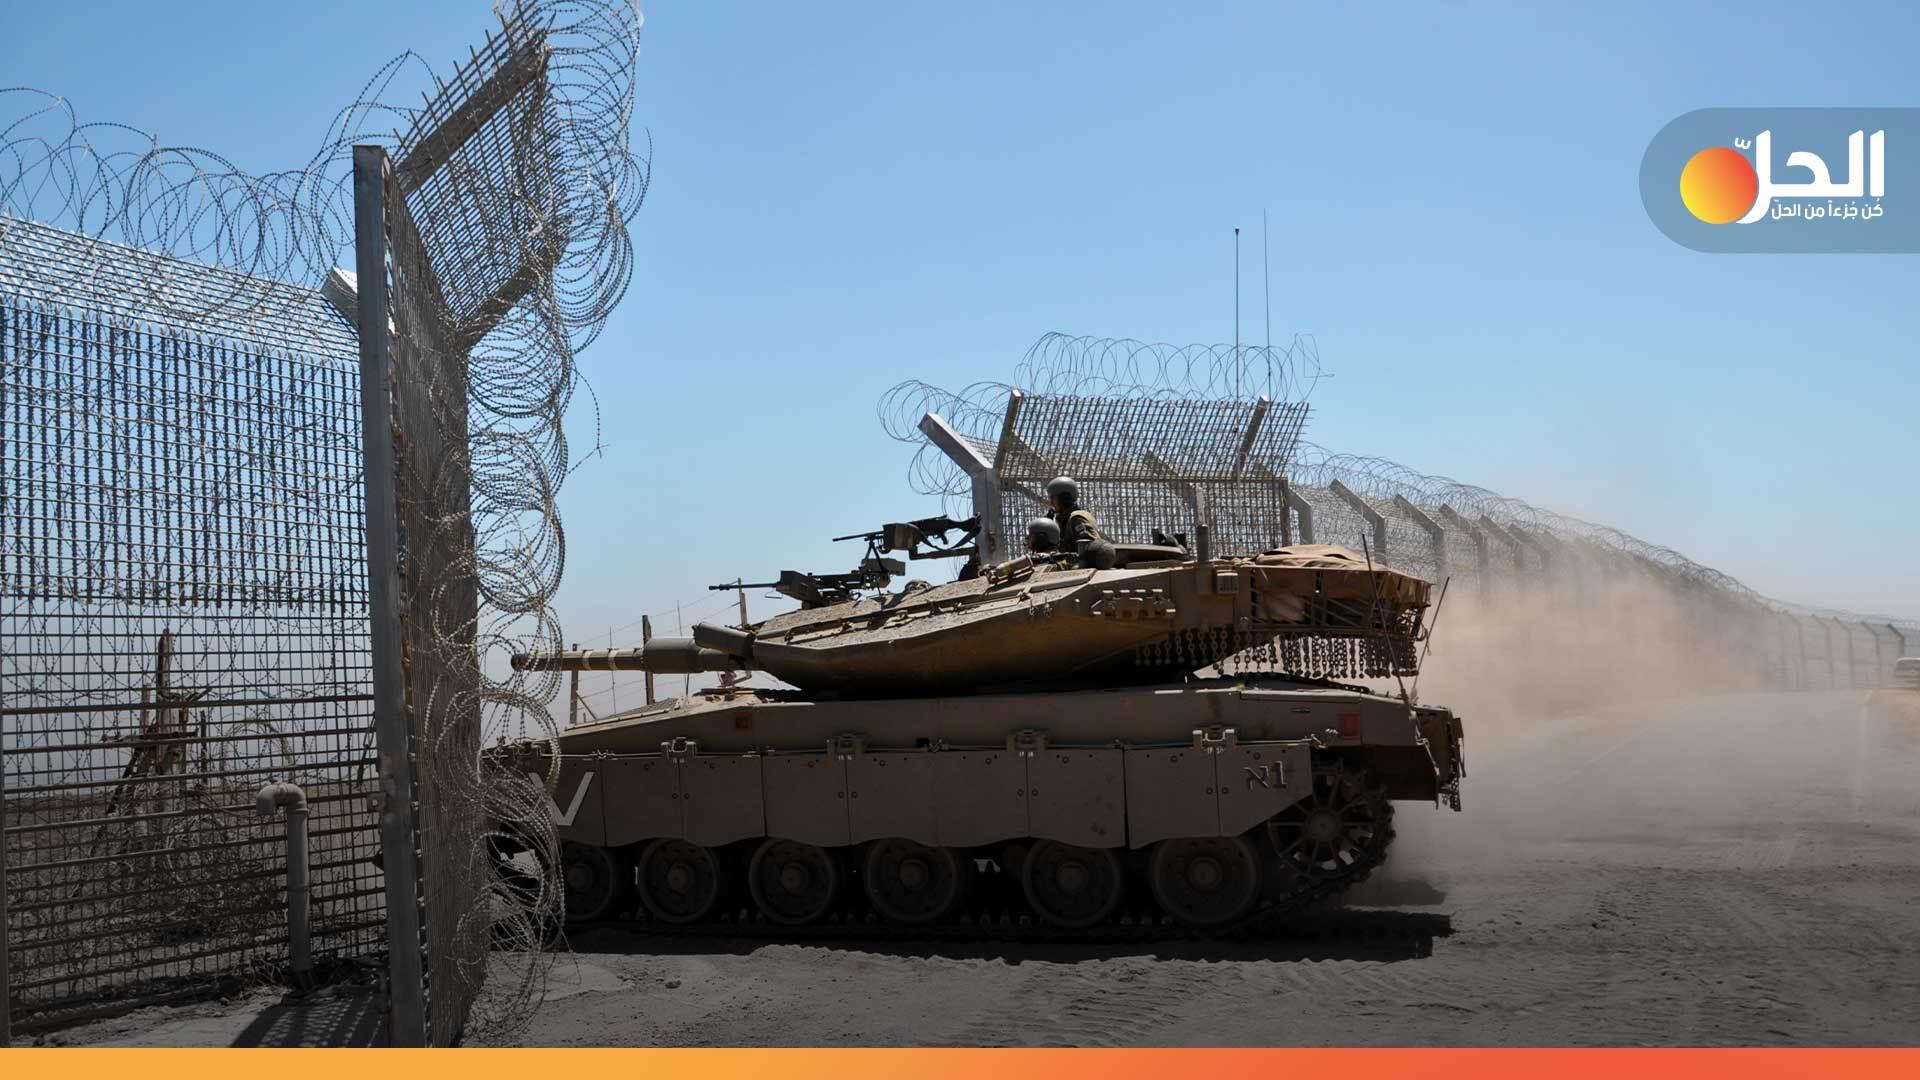 الجيش الإسرائيلي يكشف عن عدد المرات التي استهدف فيها سوريا في عام 2020